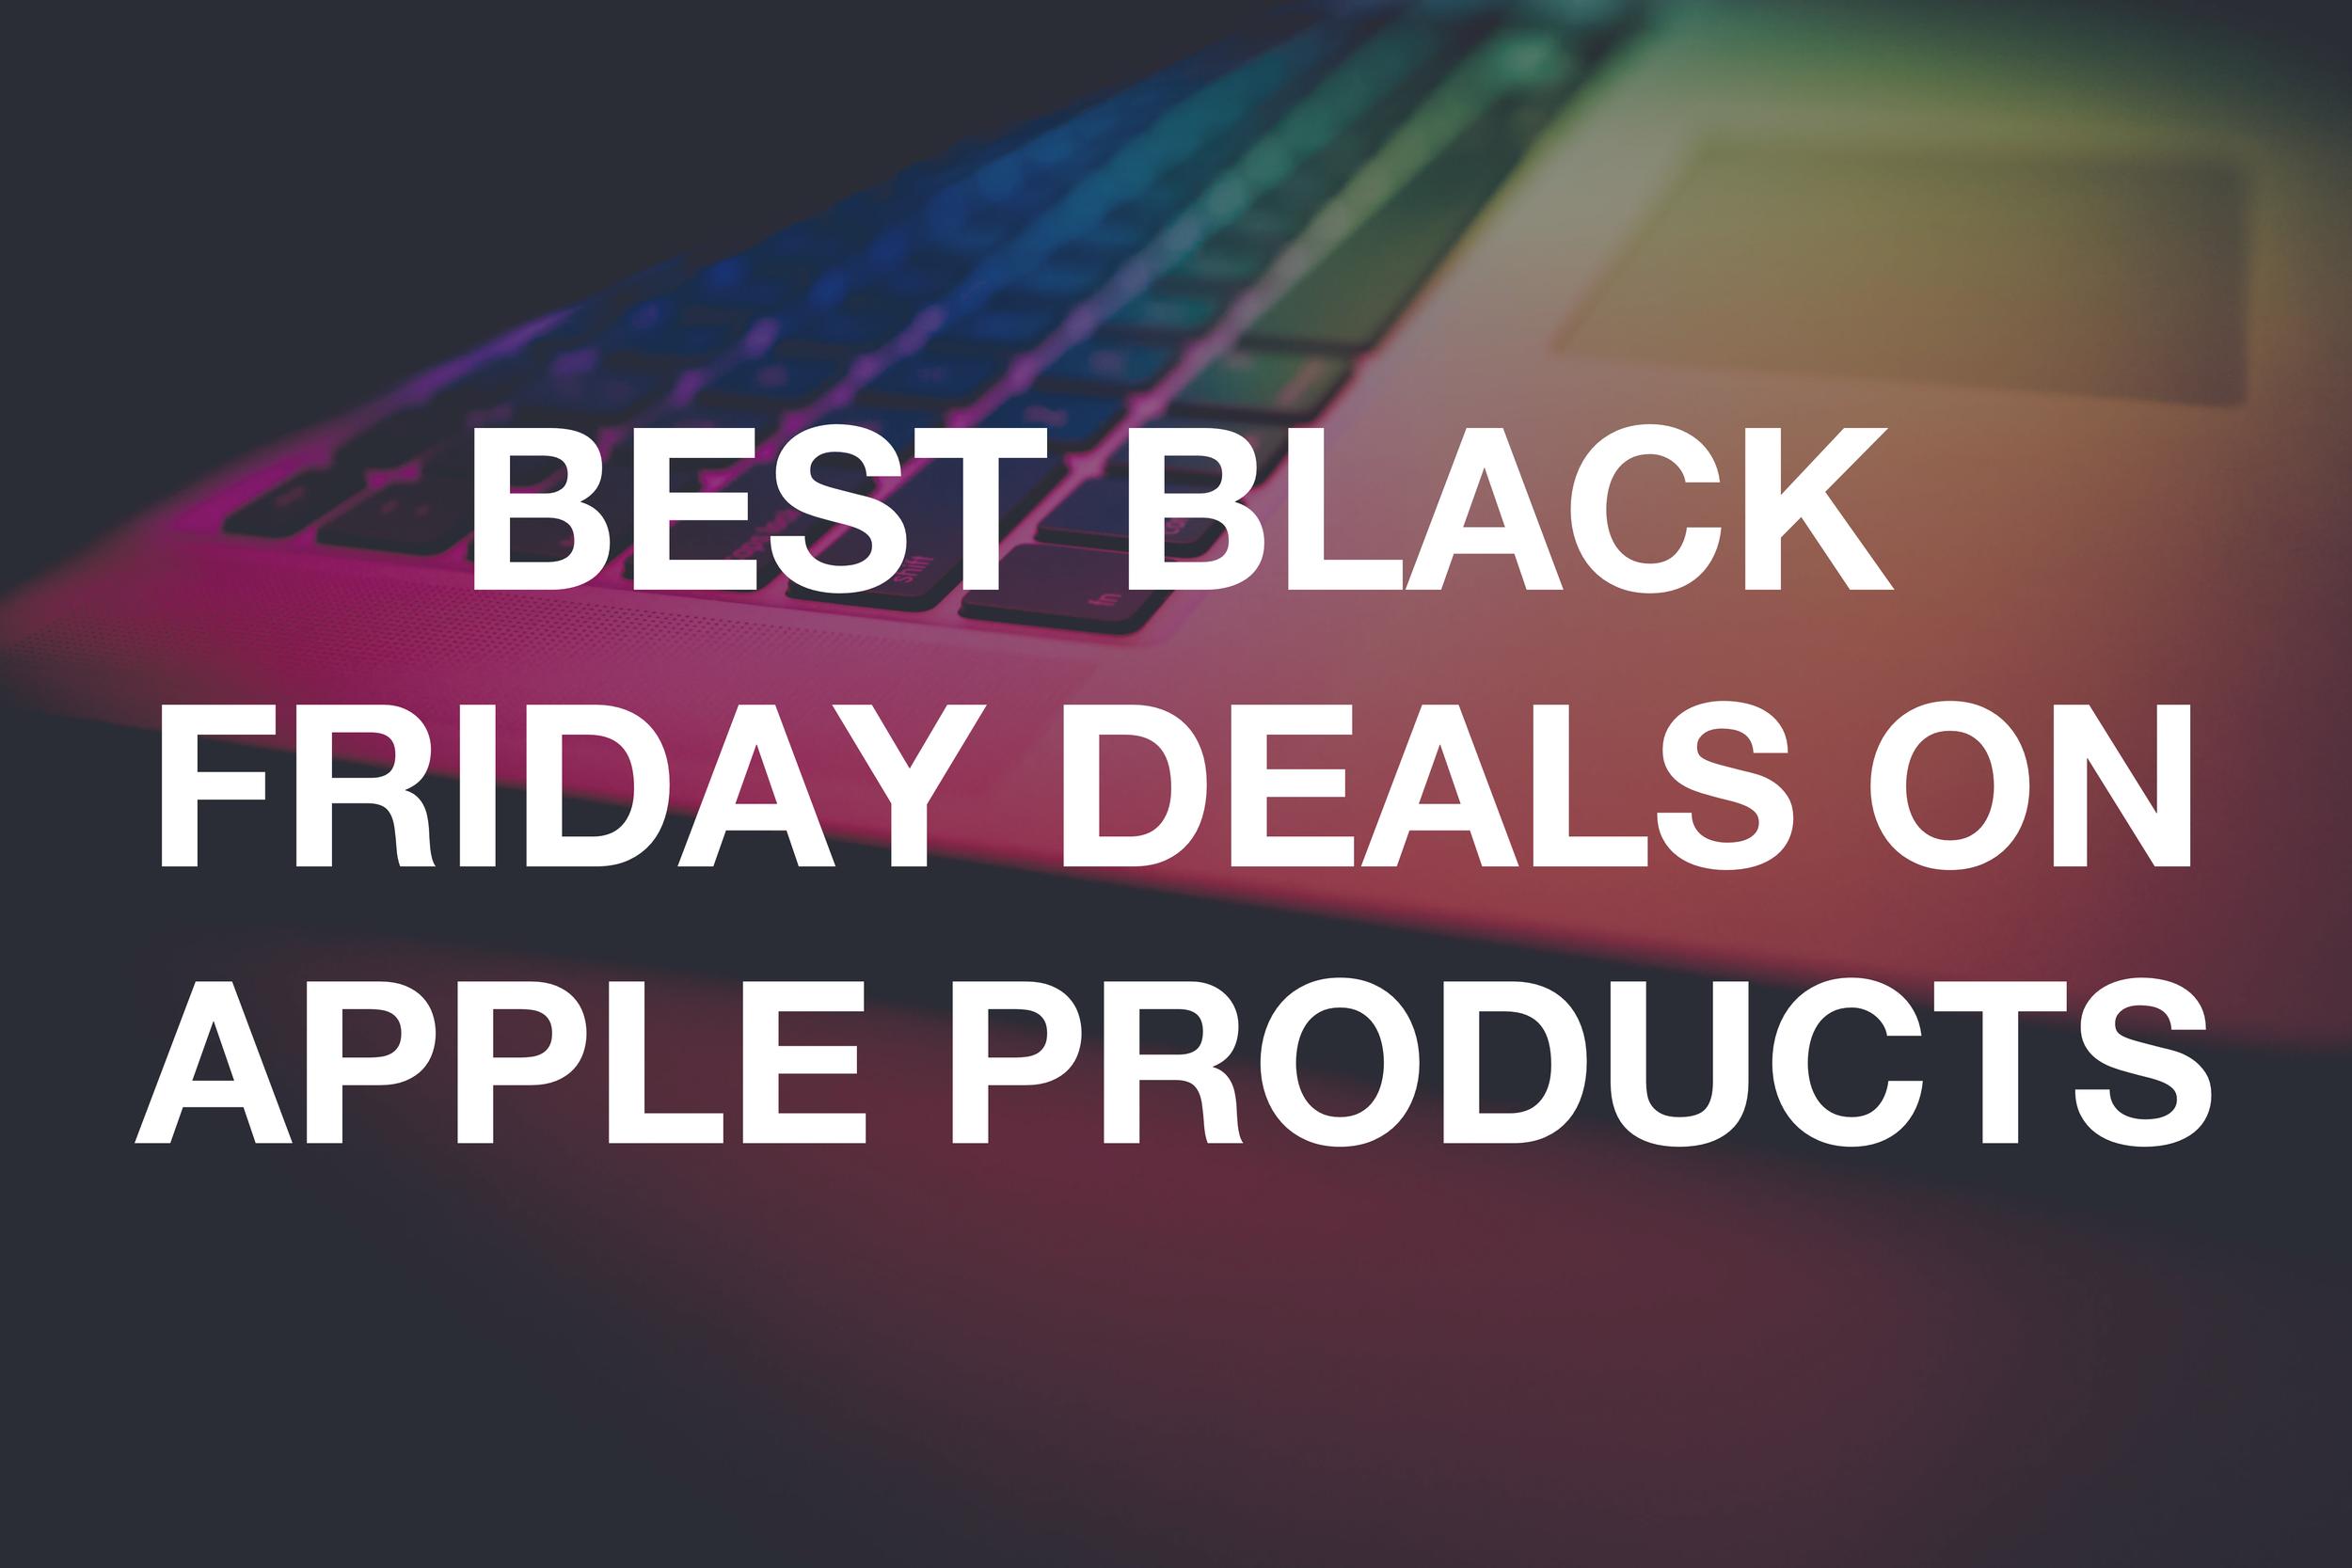 black friday deals.png